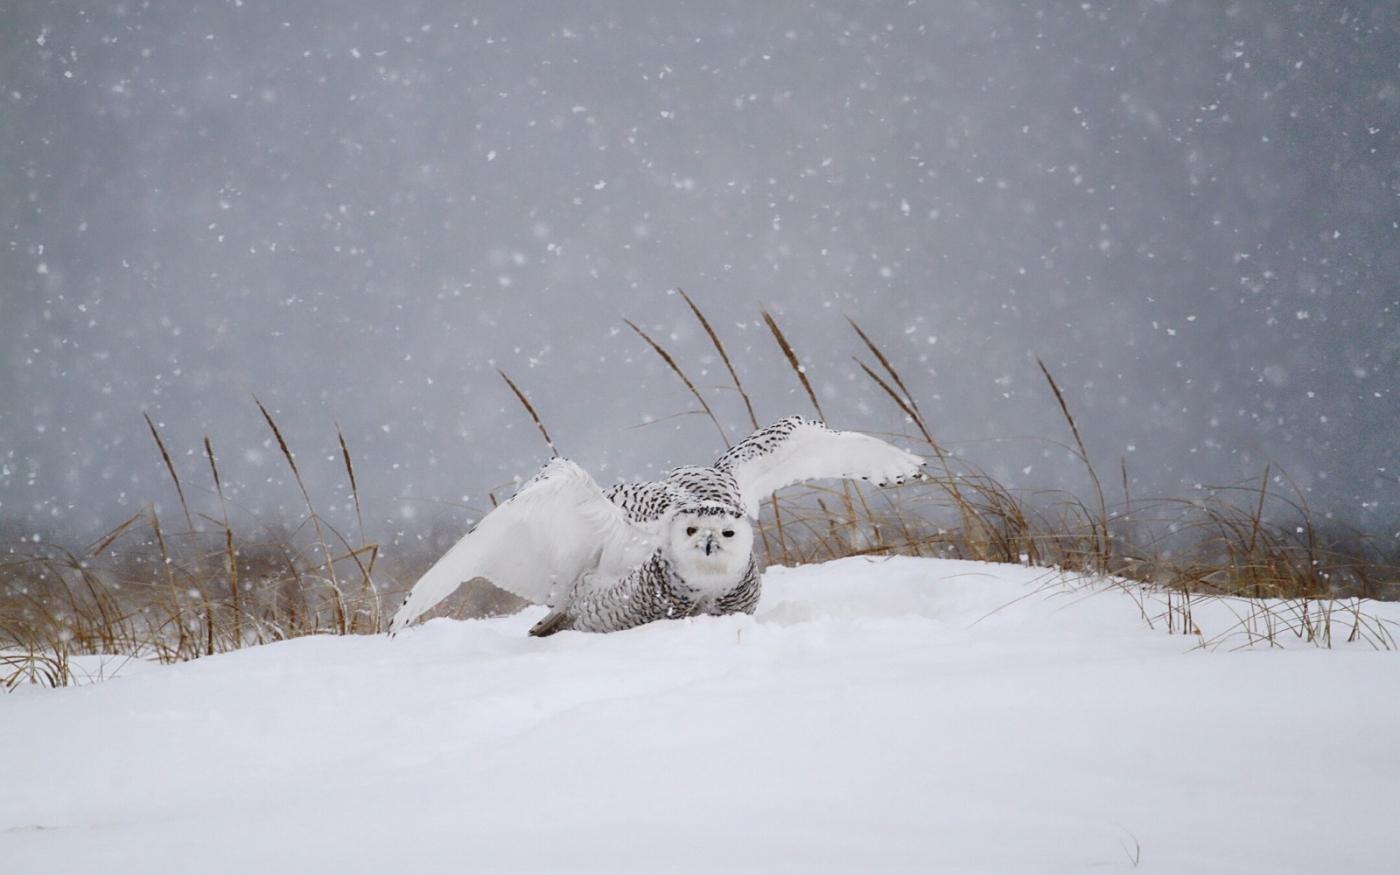 【田螺摄影】它坐着我坐着~抓拍雪猫鹰的萌态_图1-27